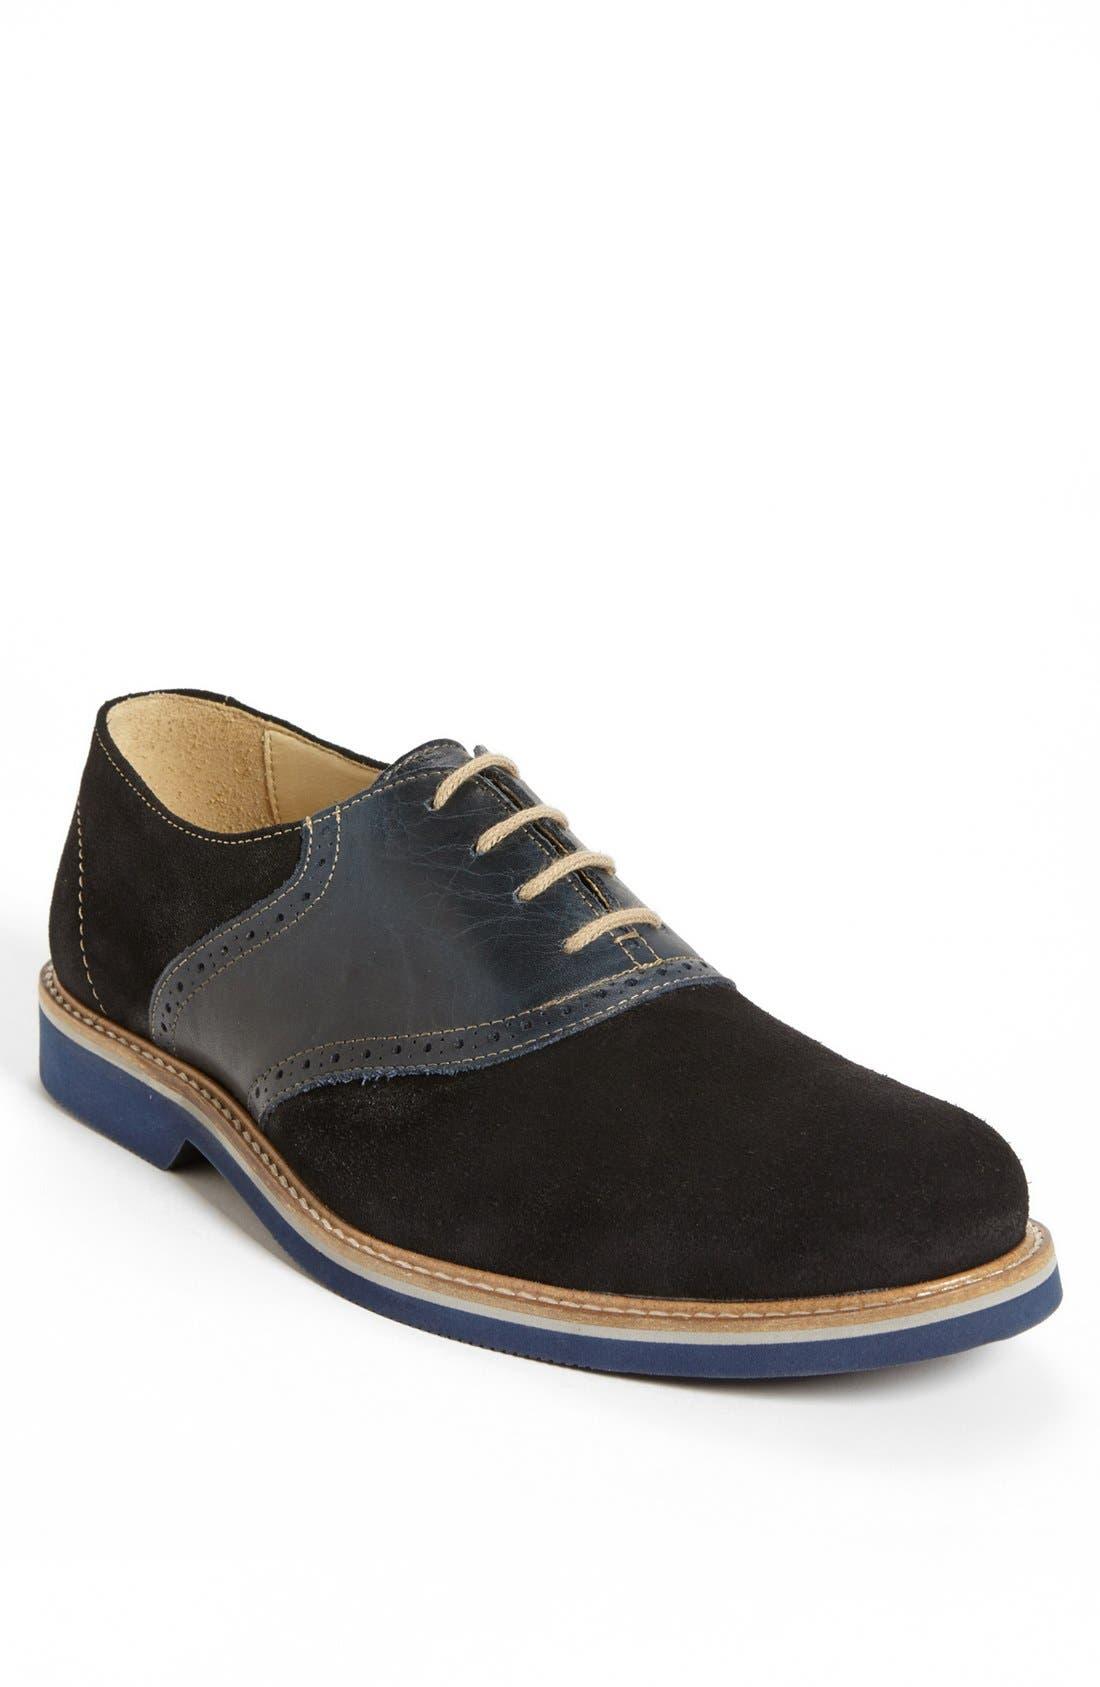 Main Image - 1901 'Saddle Up' Saddle Shoe (Men)